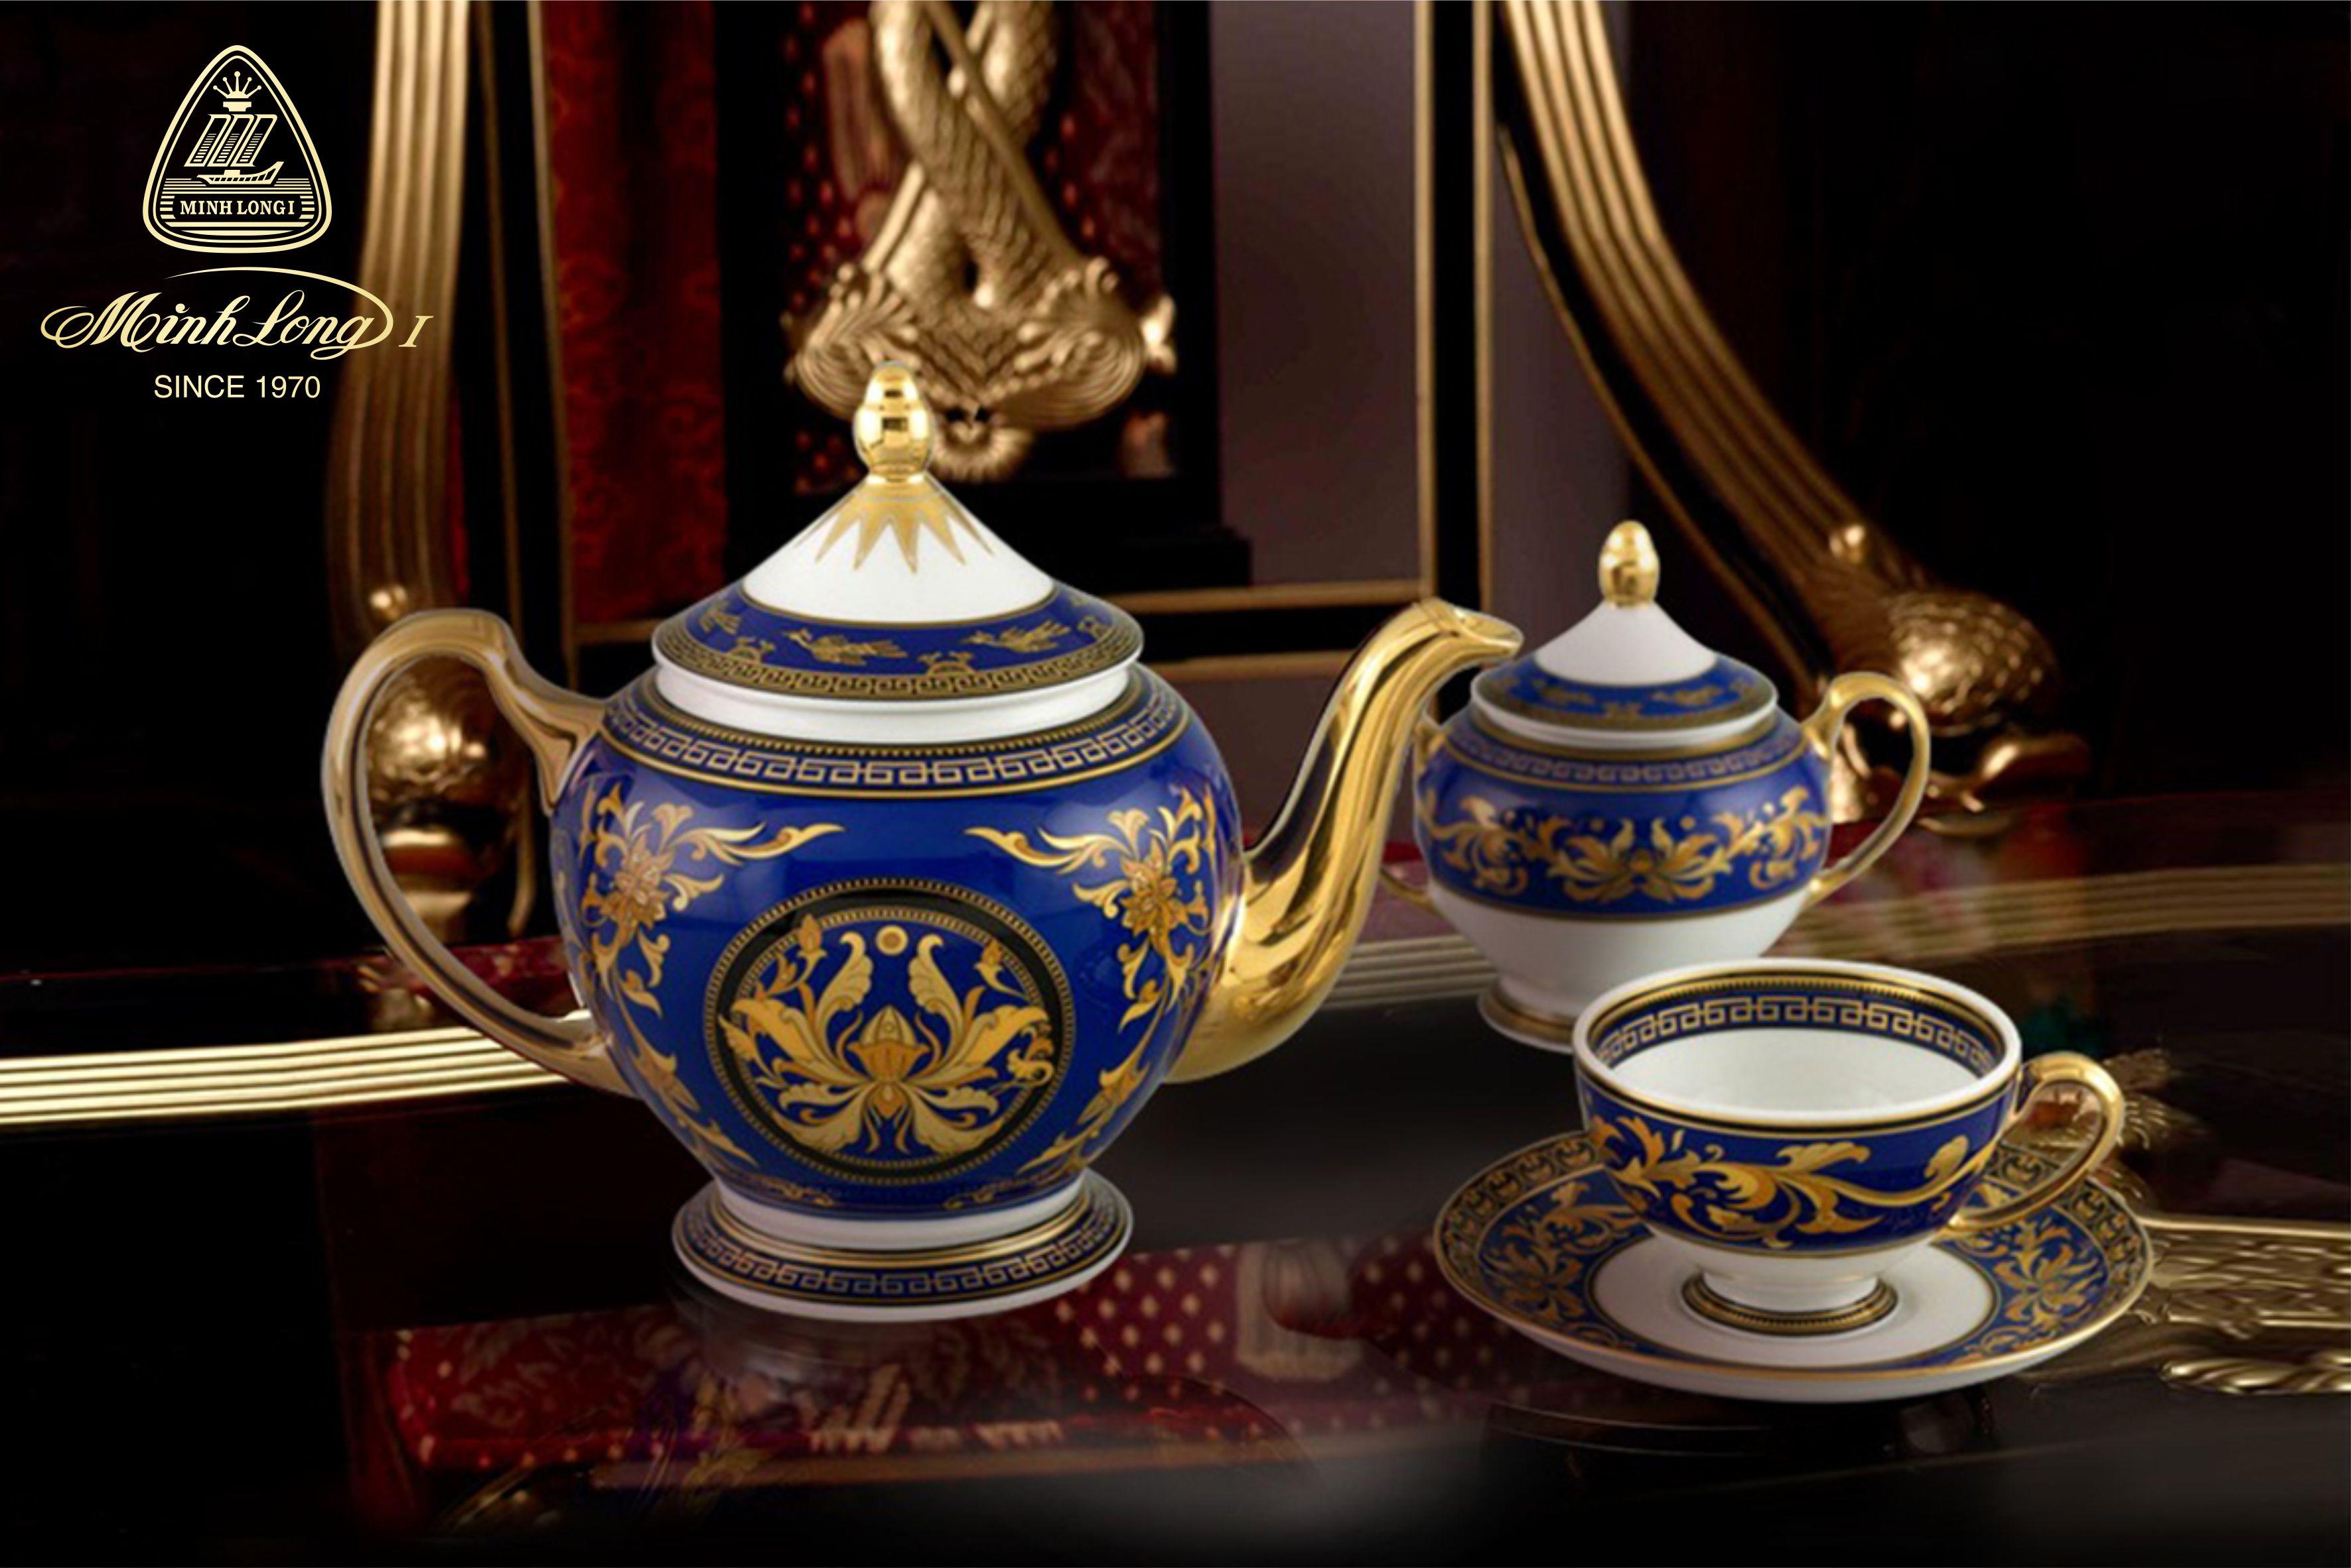 Bộ trà 1.3L Hoàng Cung Cẩm Tú 01134004003 Minh Long